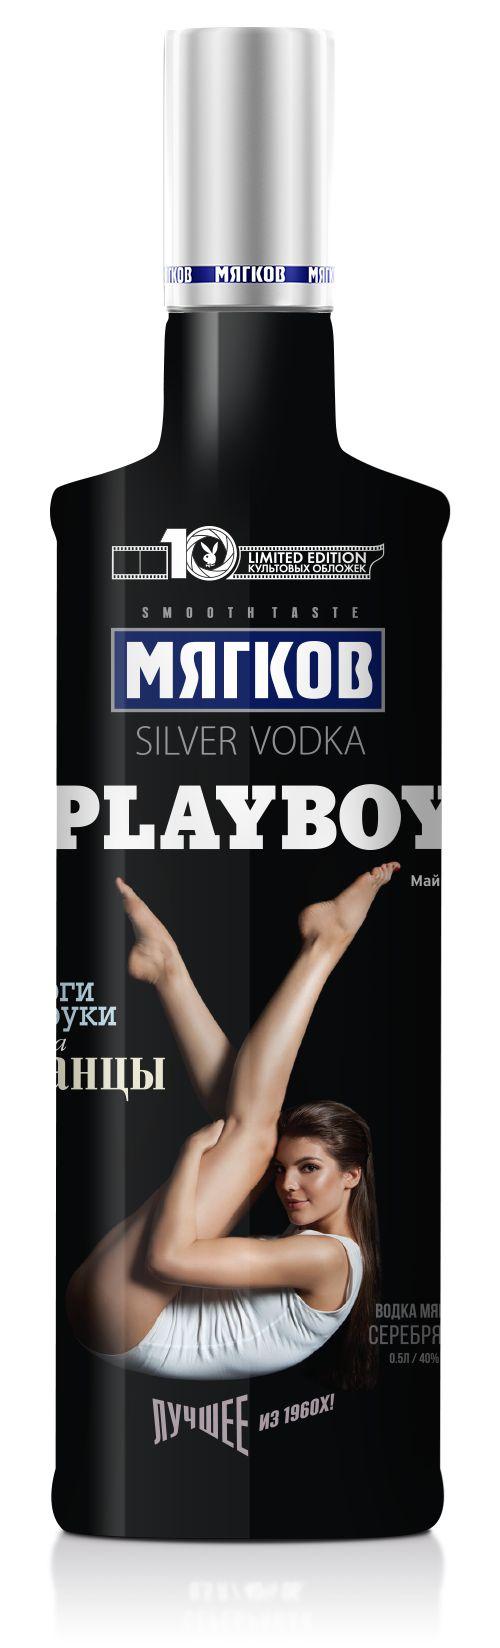 Myagkov Playboy Limited Edition, 1964 year cover remake. Мягков Плейбой Лимитированная серия. Римейк обложки 1964 года. Vodka. Spirits. Водка.